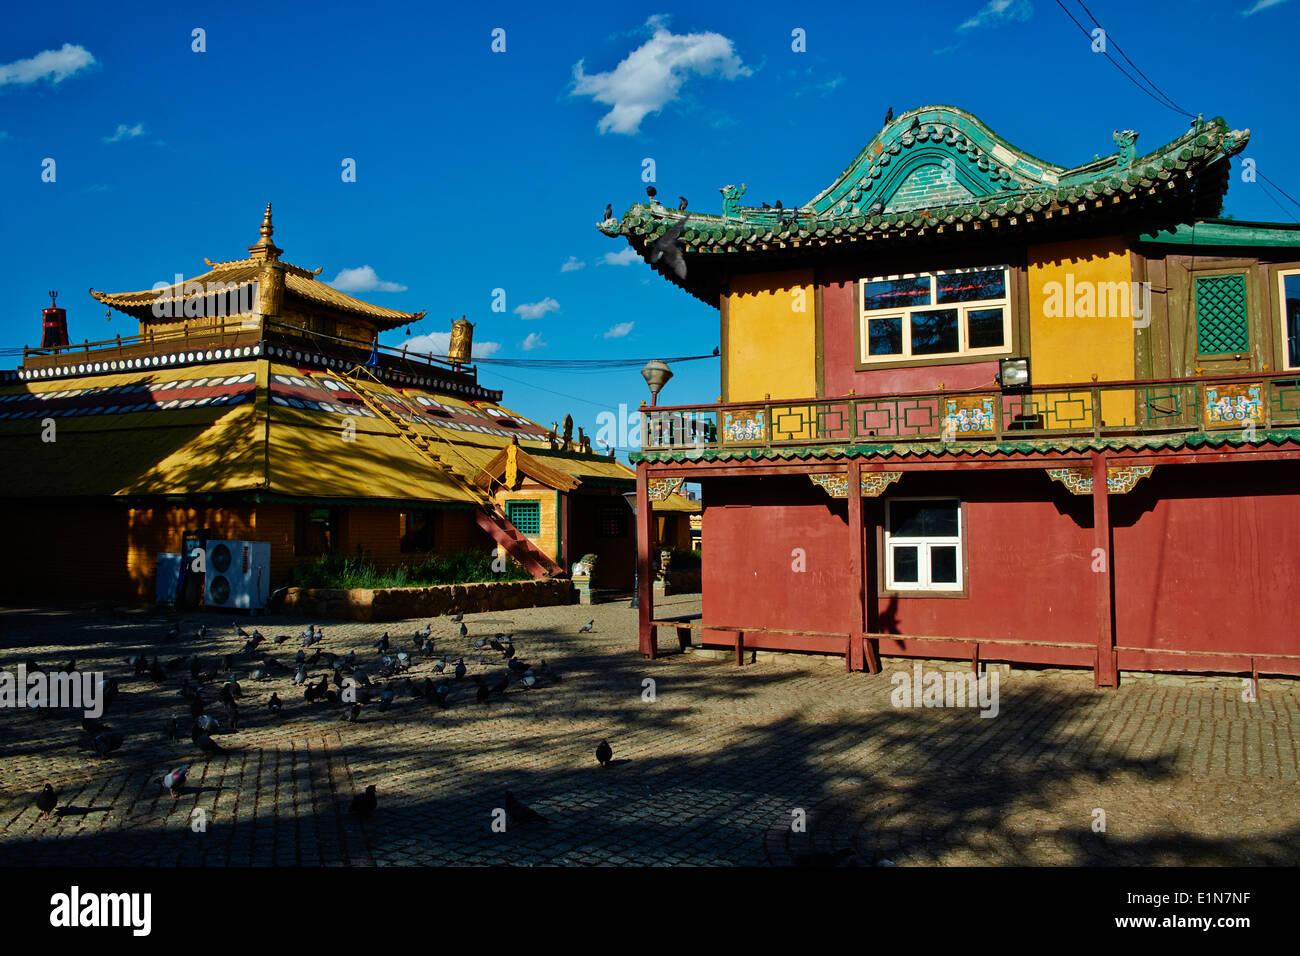 Mongolia, Ulan Bator, Gandan monastery (Gandantegchinlen Khiid) - Stock Image